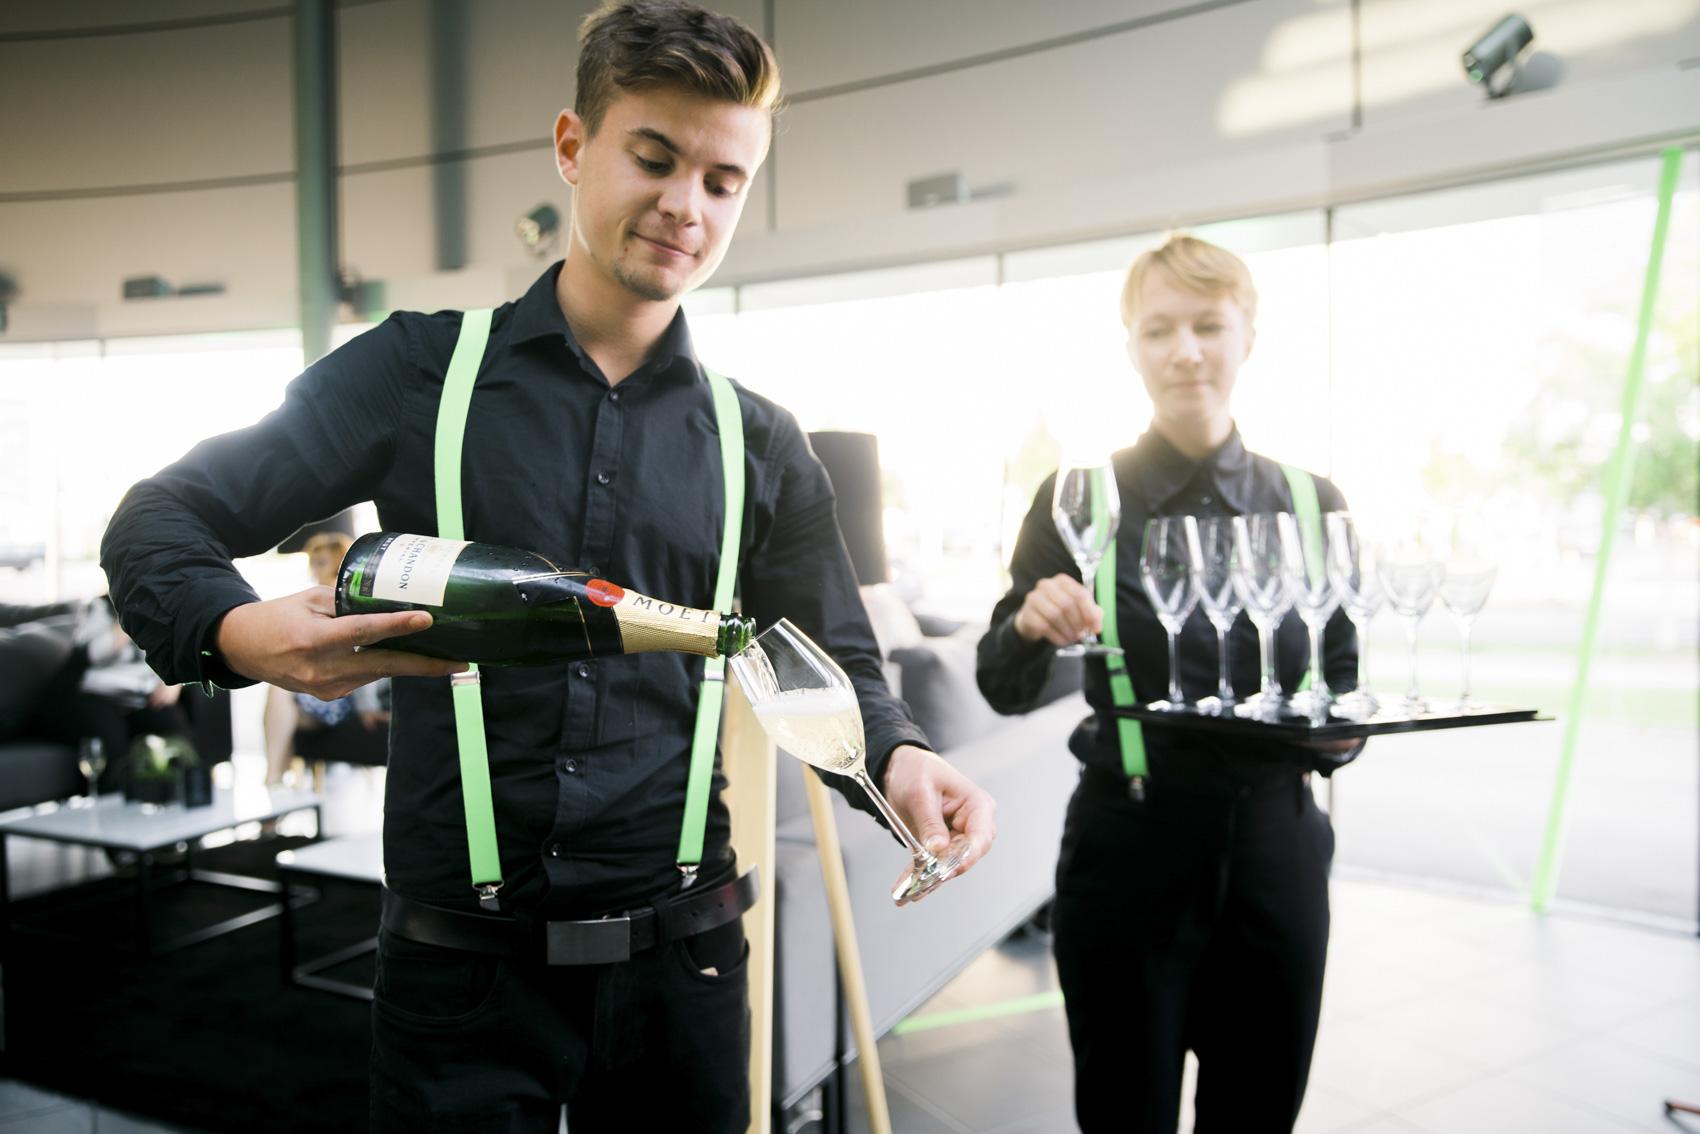 Referenzen Eventfotografie: Moet Chandon Champagnerempfang bei Porsche Event